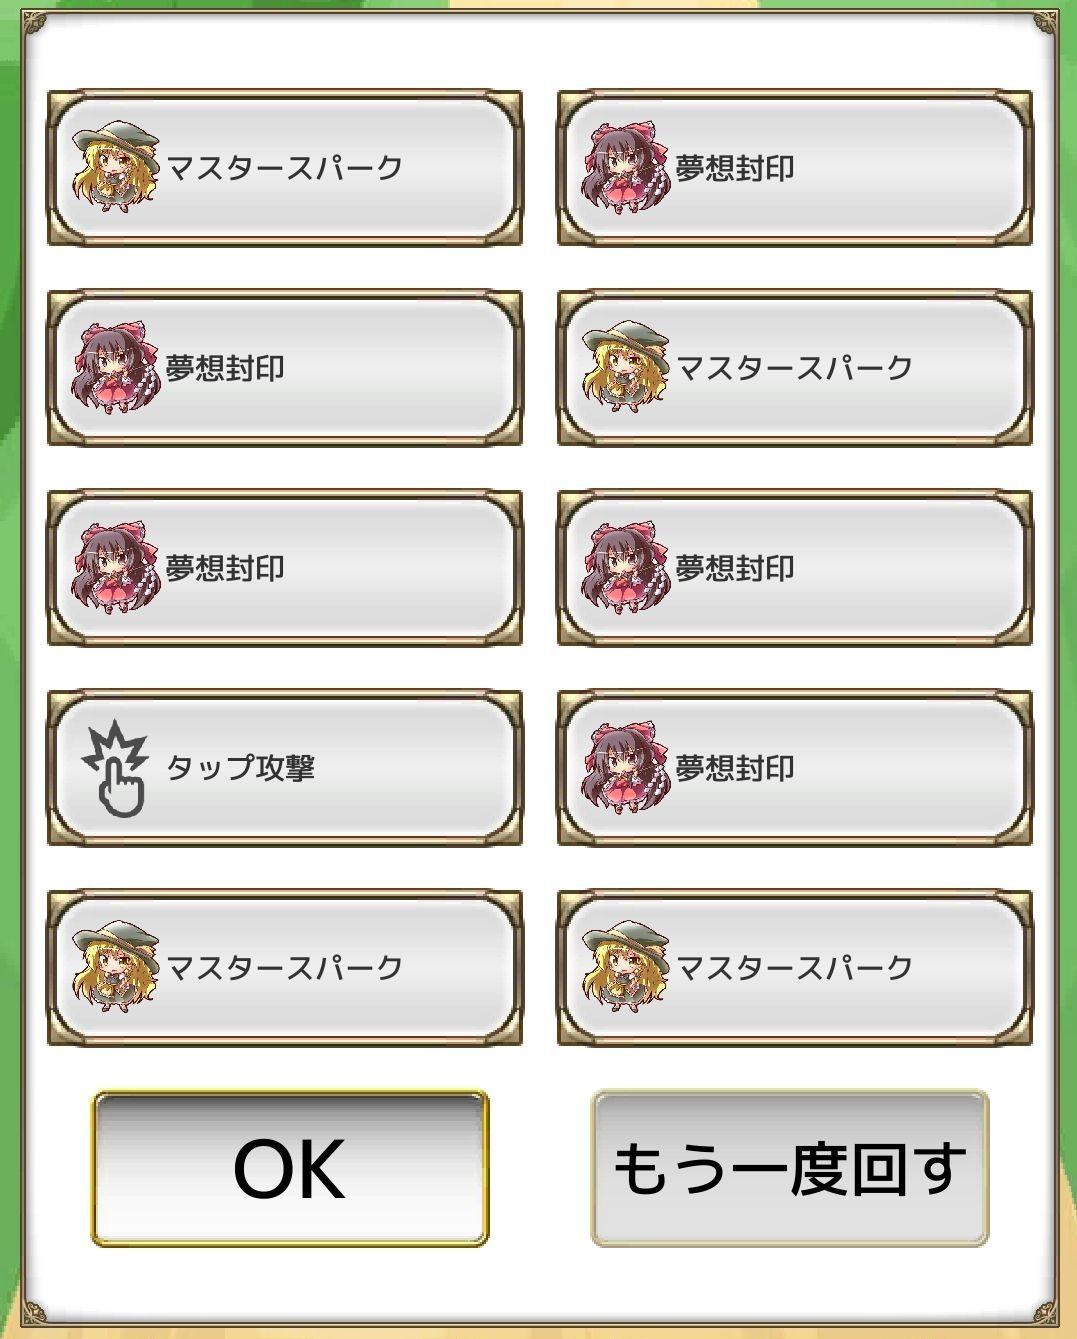 東方幻想防衛記ゲーム要素解説